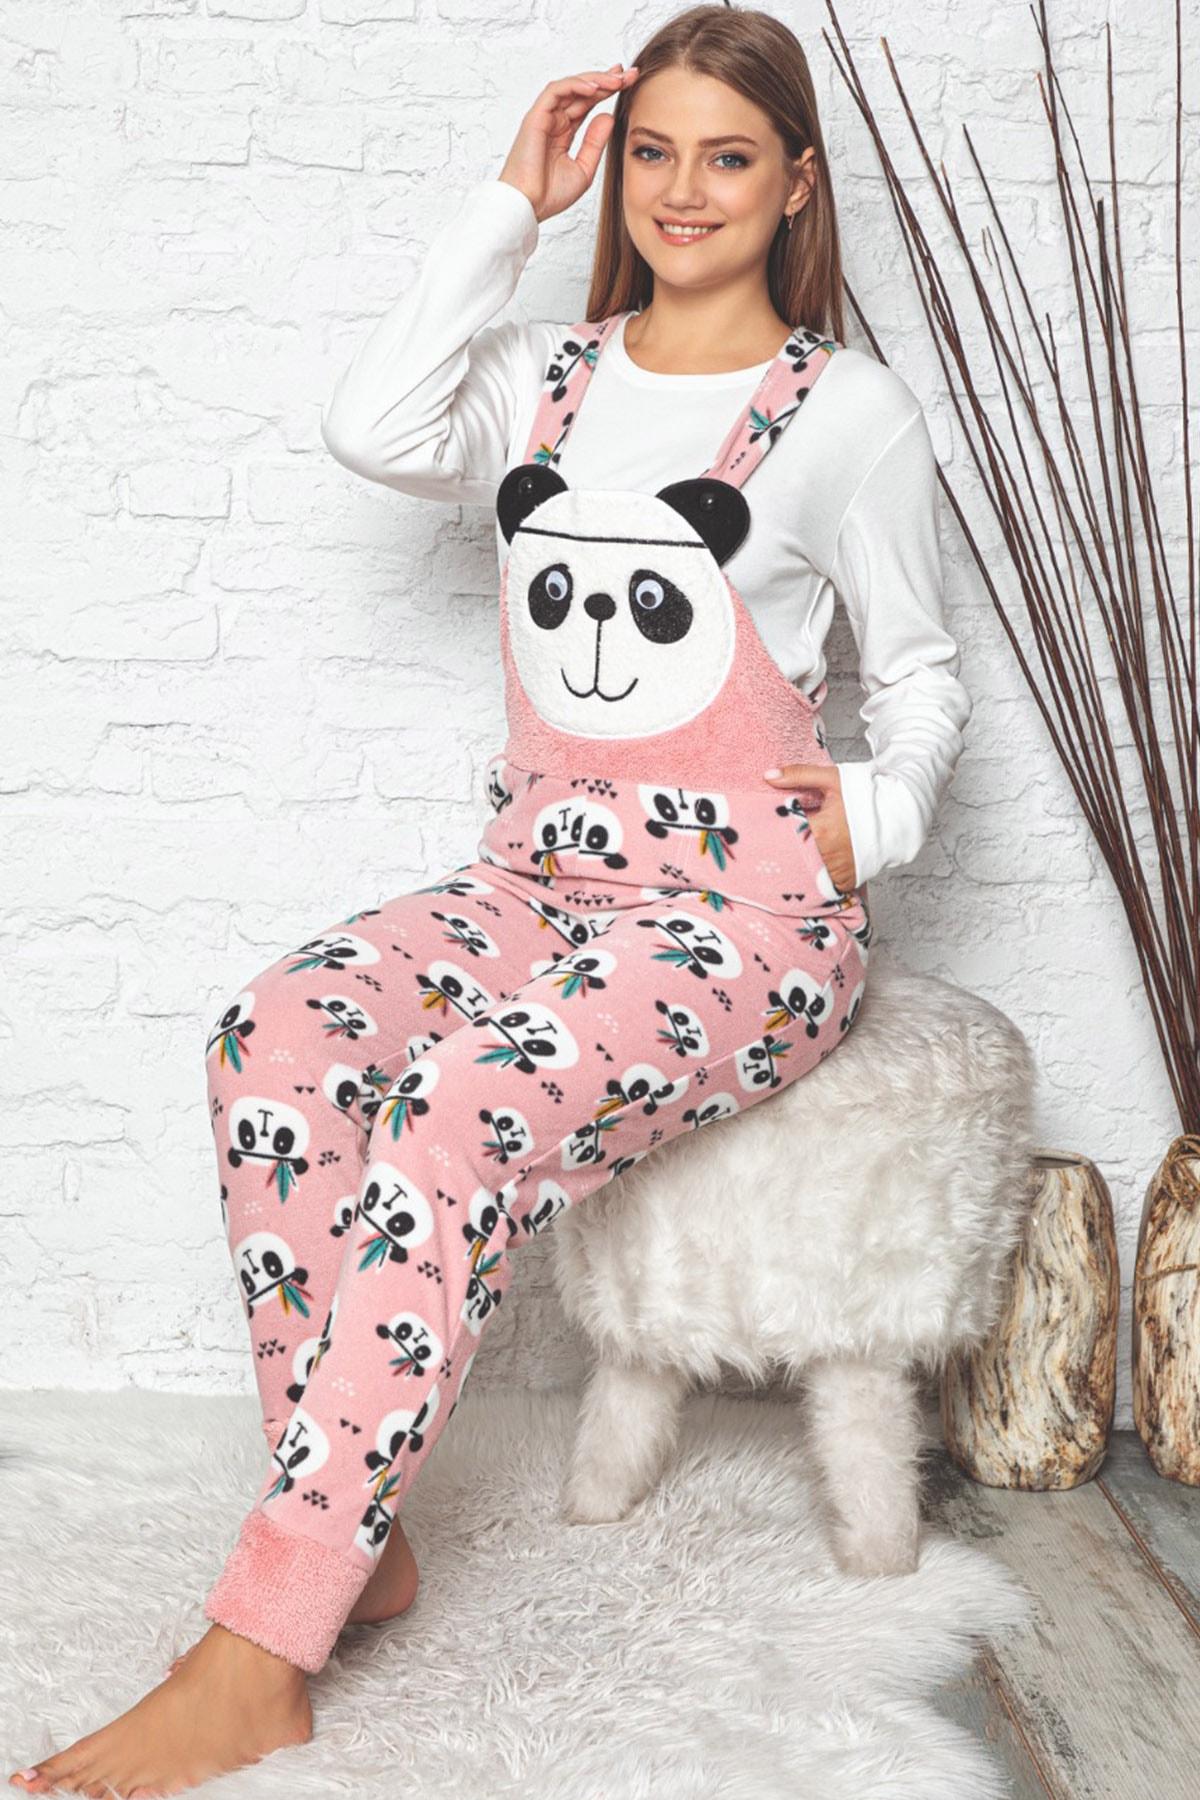 Pijamaevi Kadın Pembe Panda Desenli Kadın Bahçıvan Polar Peluş Tulum Pijama Takımı 1